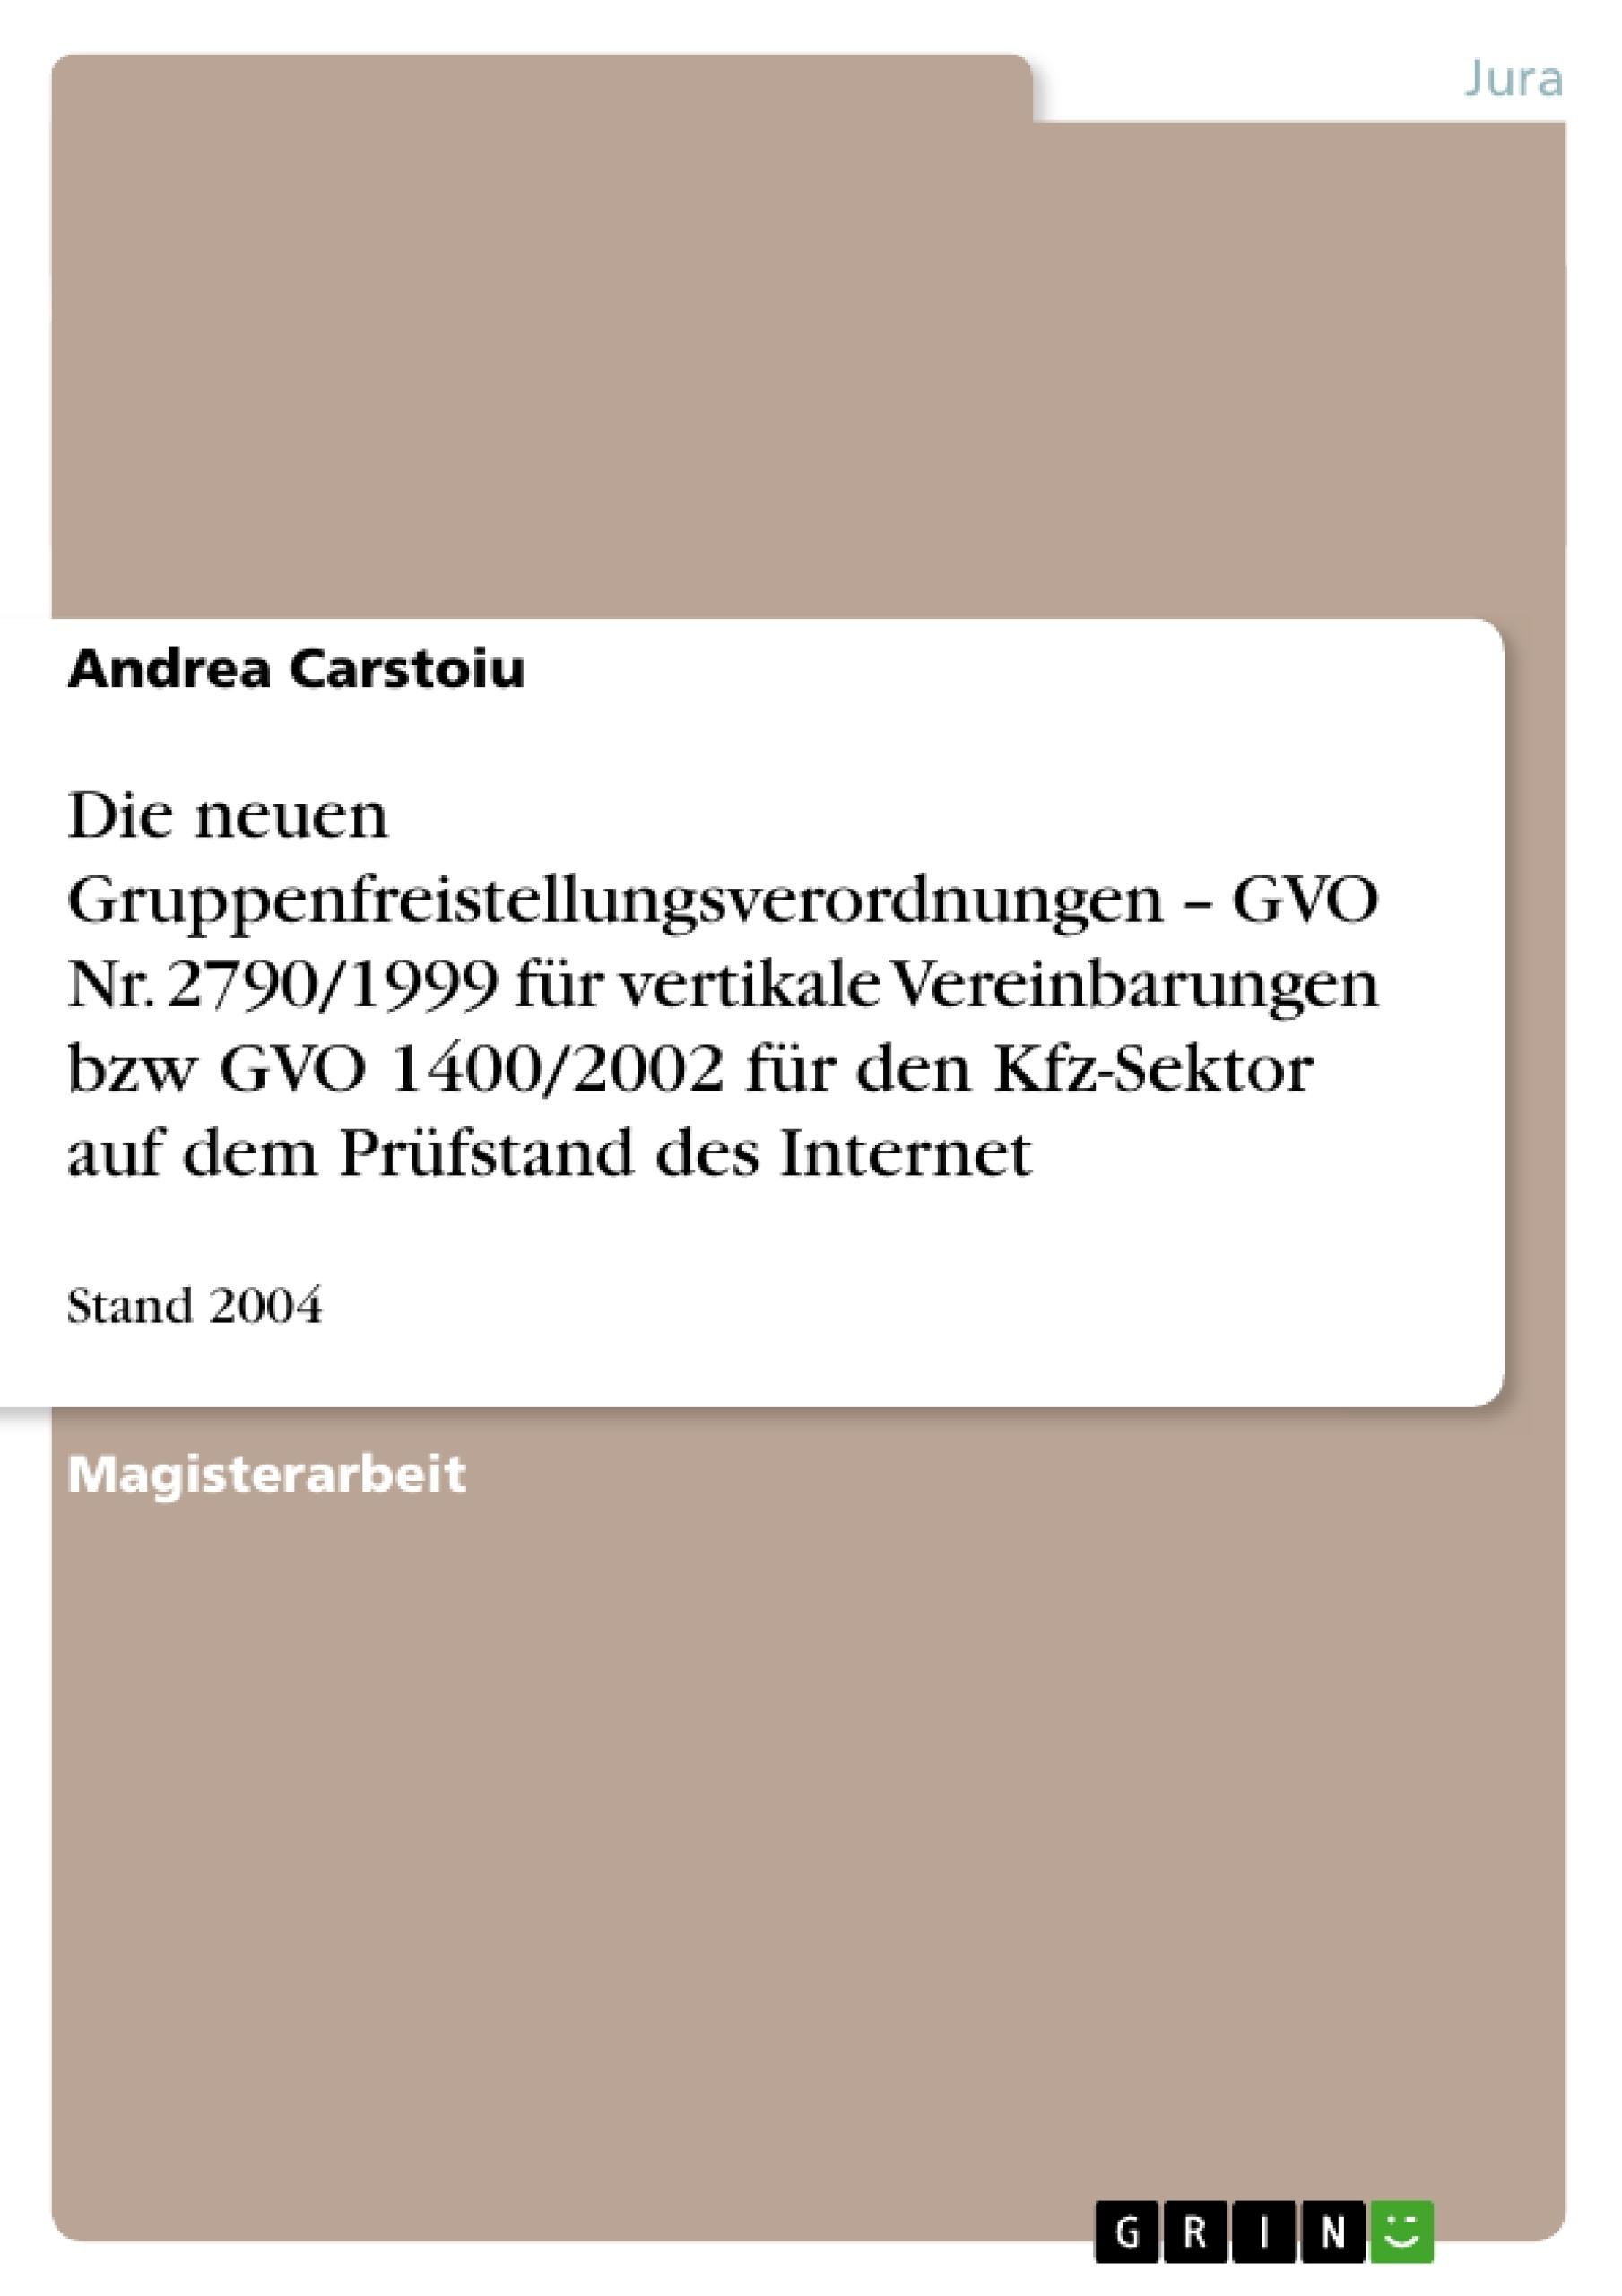 Titel: Die neuen Gruppenfreistellungsverordnungen – GVO Nr. 2790/1999 für vertikale Vereinbarungen bzw GVO 1400/2002 für den Kfz-Sektor auf dem Prüfstand des Internet